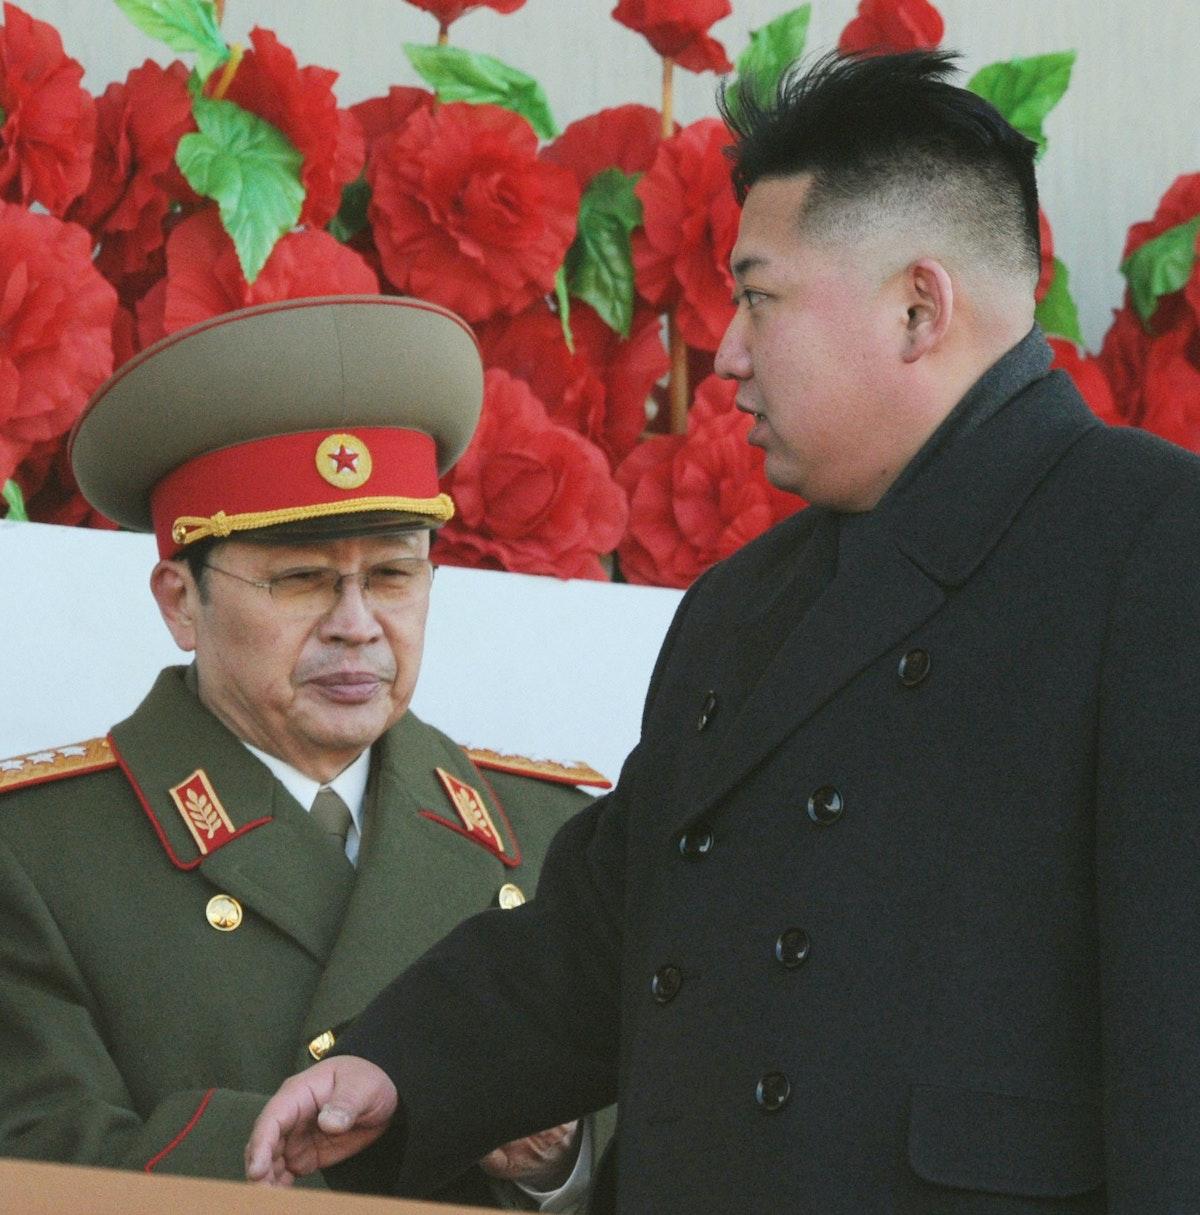 الزعيم الكوري الشمالي كيم جونغ أون وعمه جانغ سونغ تايك خلال عرض عسكري في بيونغ يانغ - 16 فبراير 2012 - REUTERS